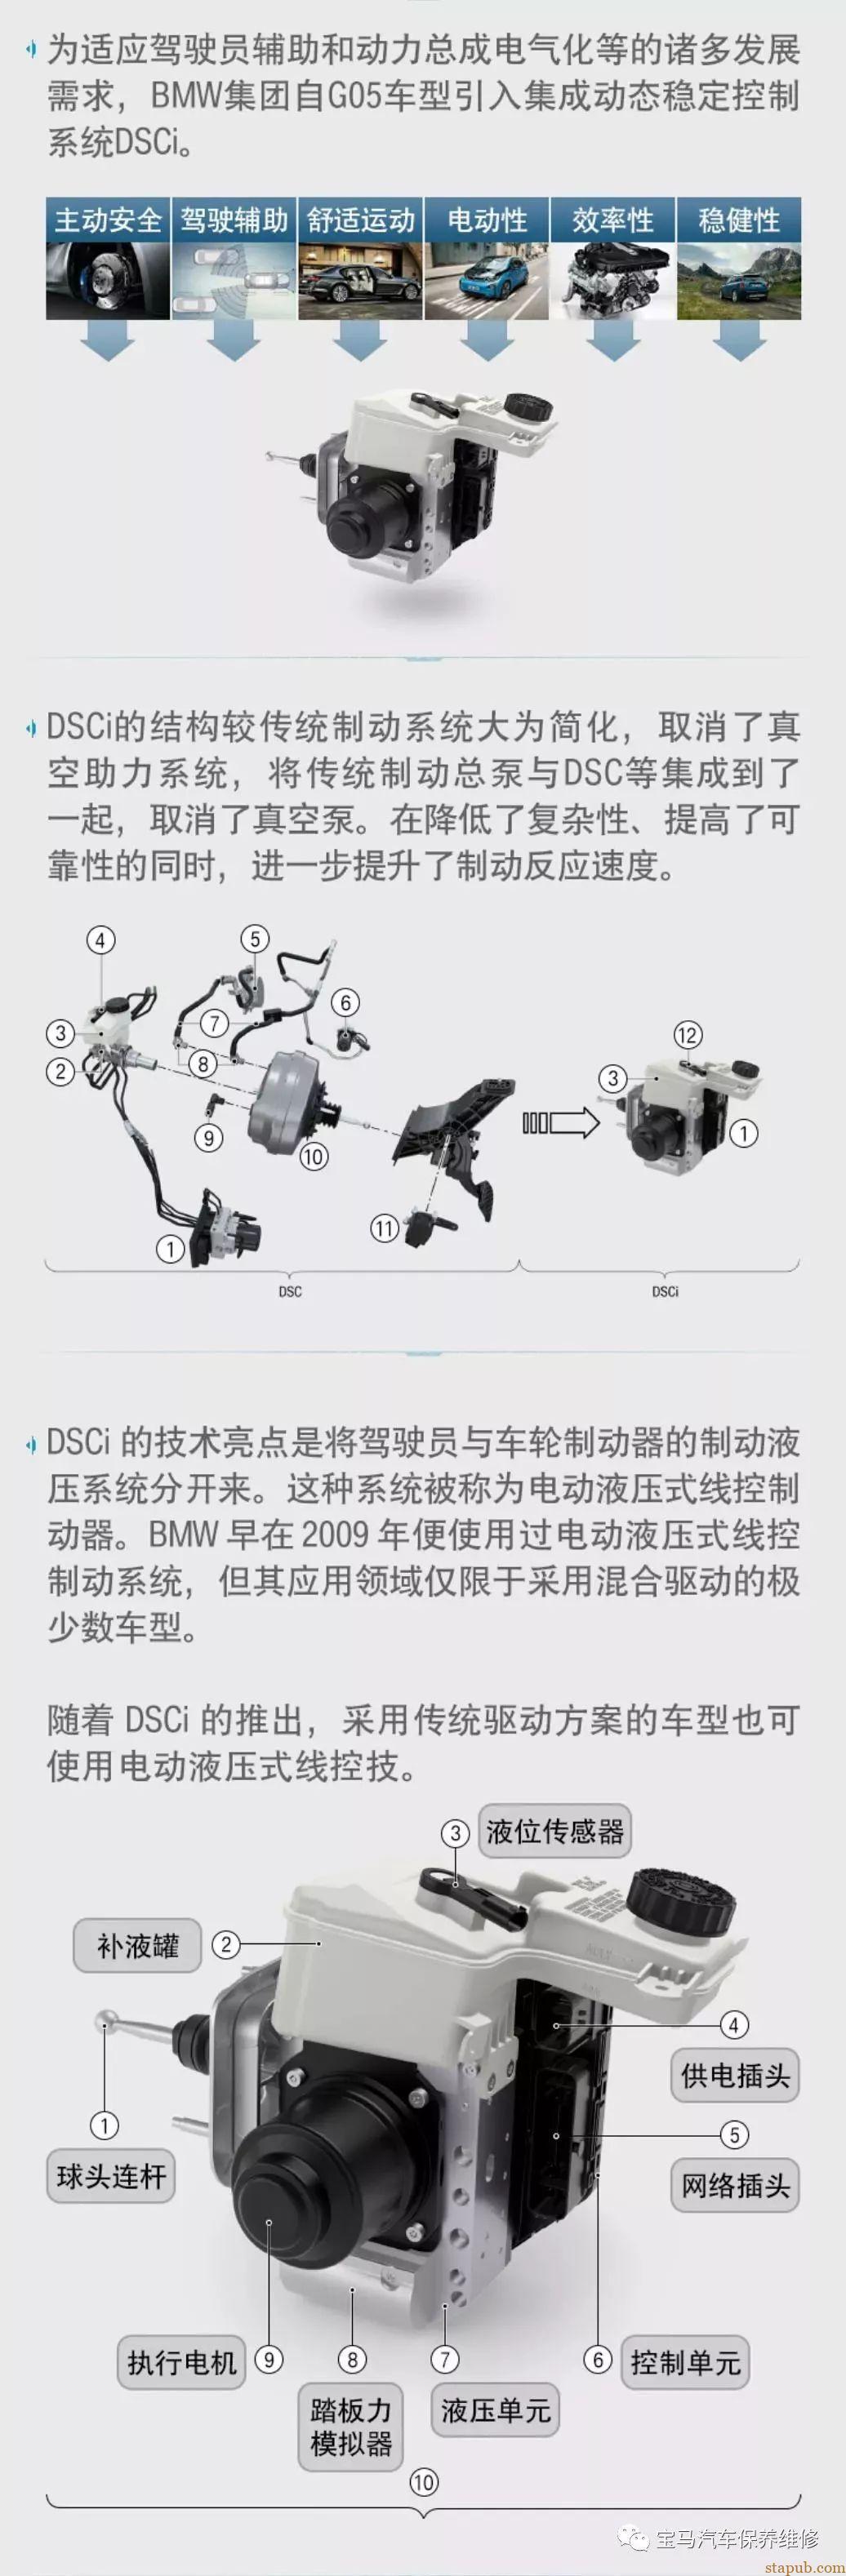 宝马全新制动系统DSCi技术亮点解析